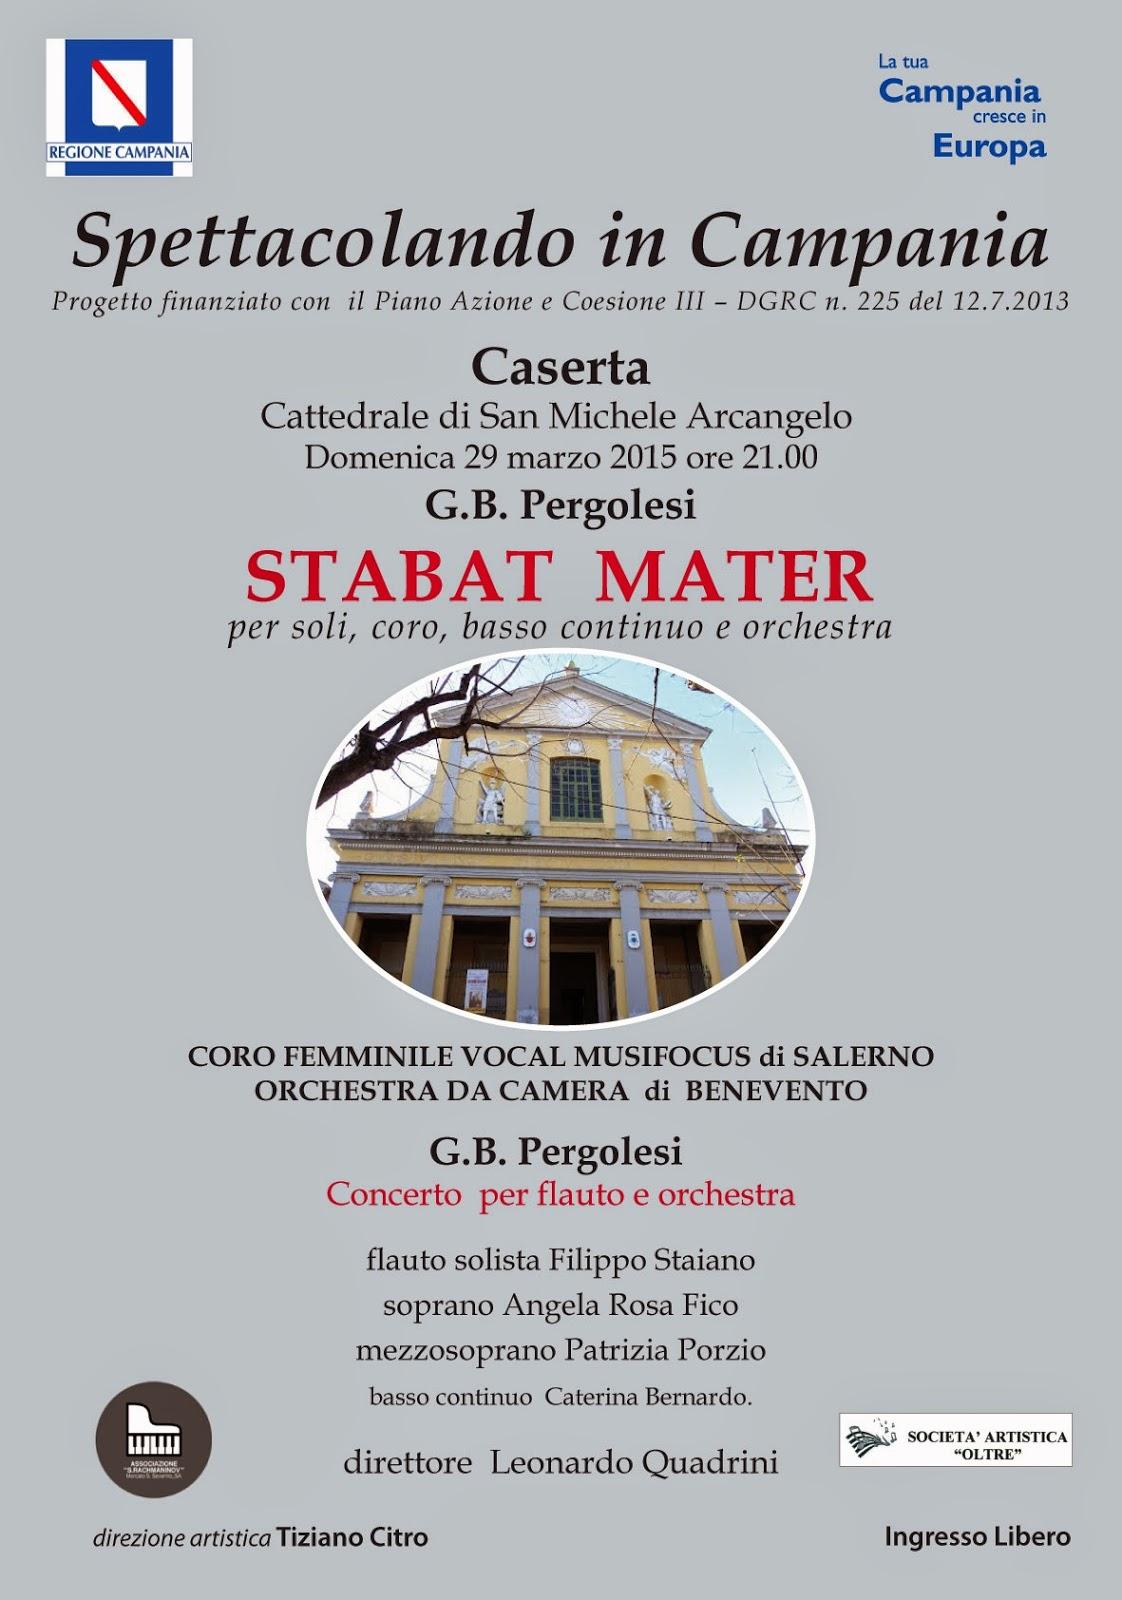 Spettacolando in Campania, 11 concerti